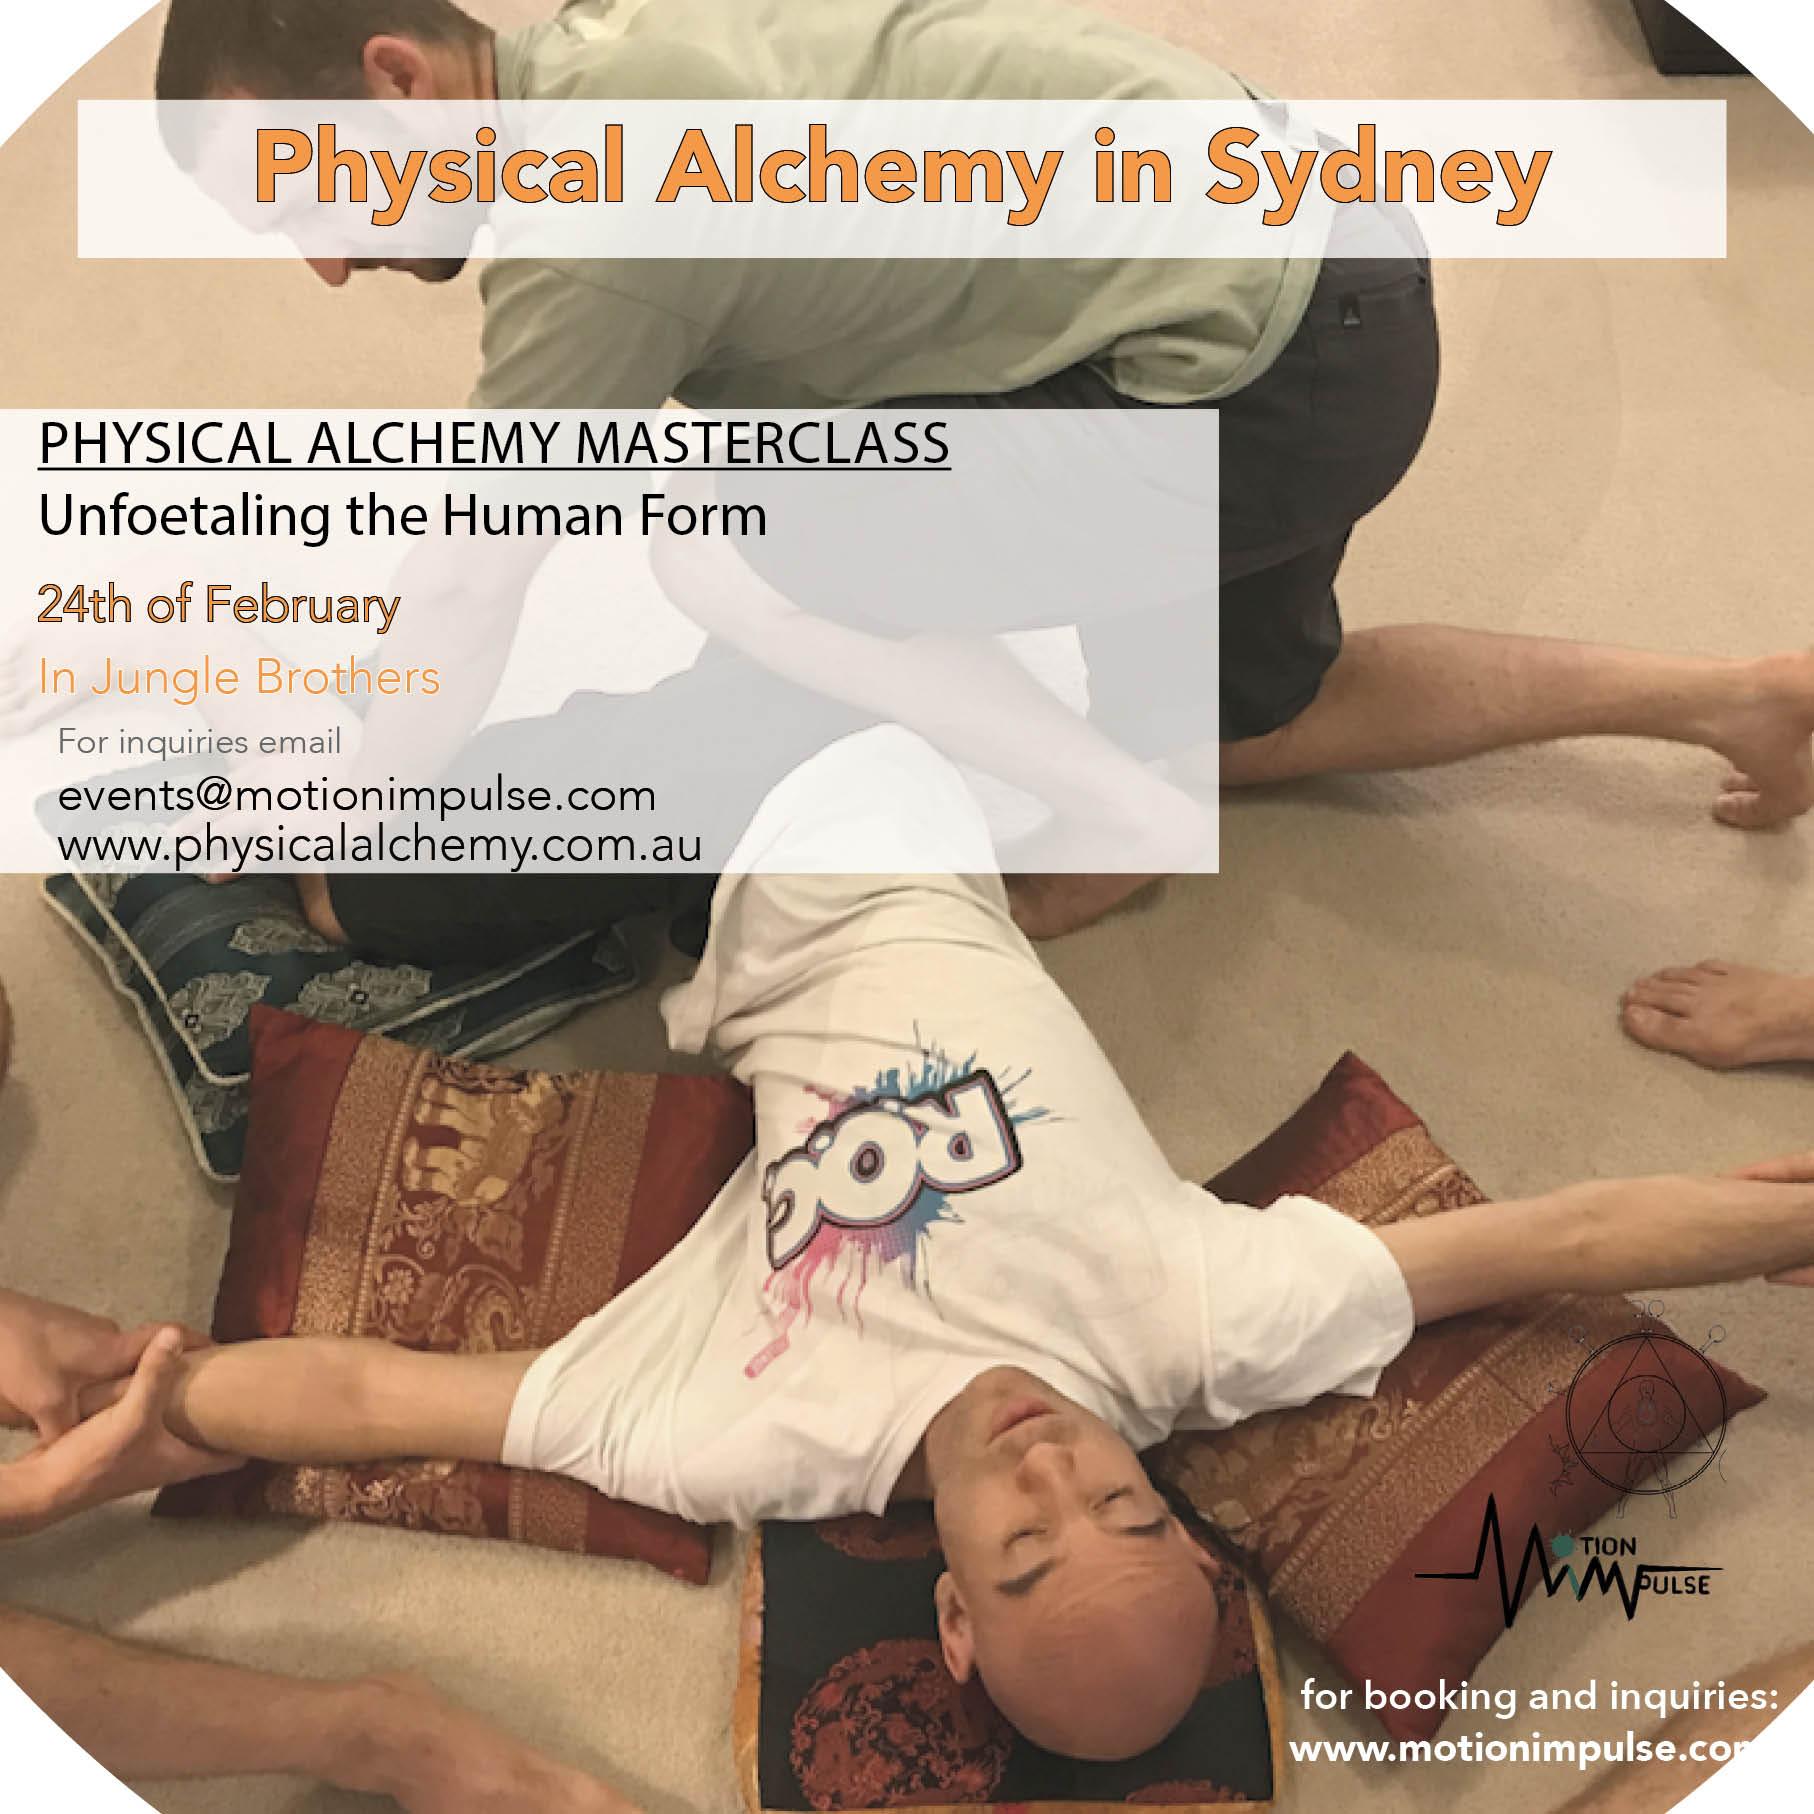 Physicalalchemy-Sydney.IG.jpg